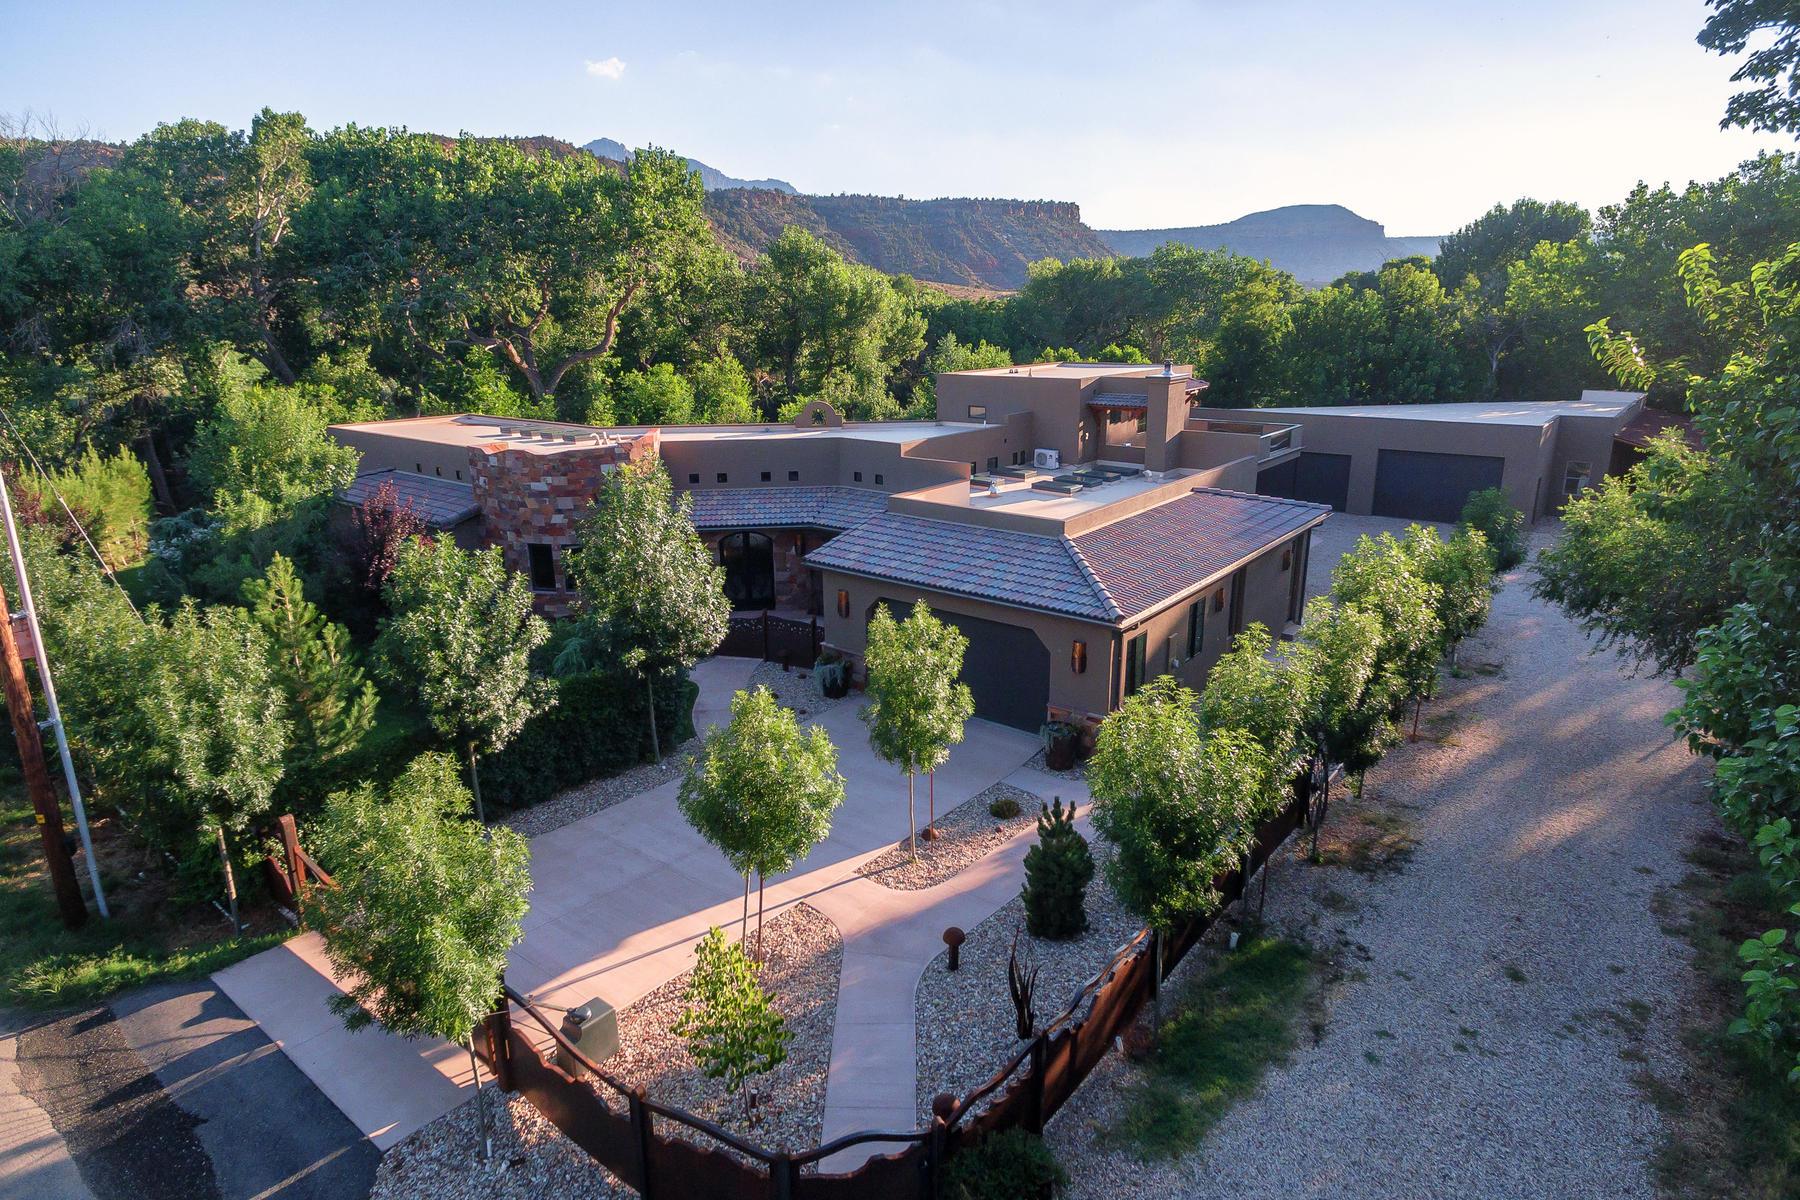 Casa Unifamiliar por un Venta en Zion River Sanctuary 98 Bridge Rd Rockville, Utah 84763 Estados Unidos